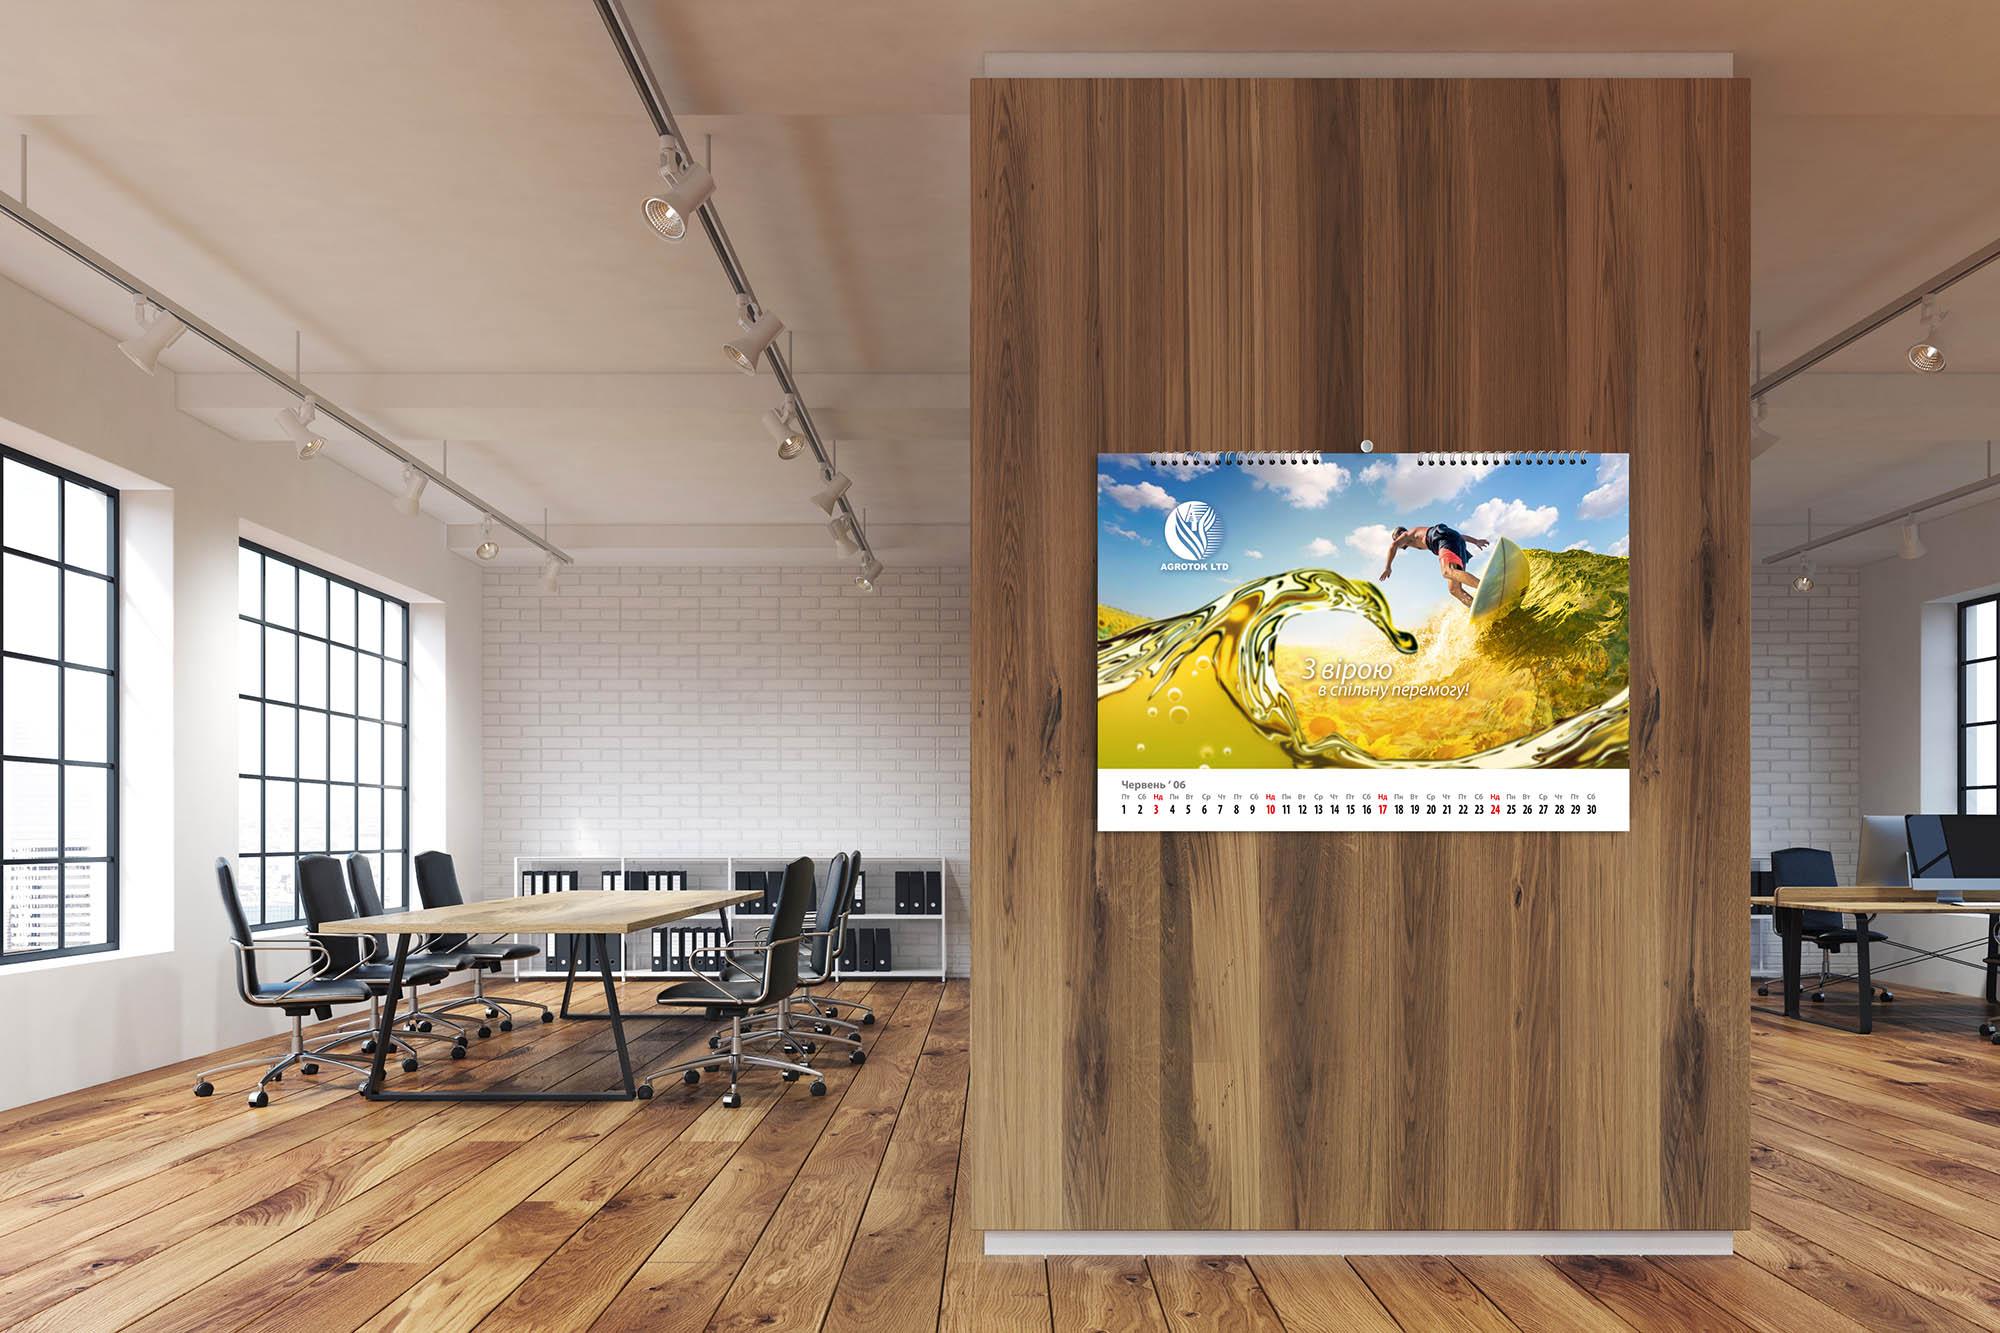 2018 wall calendar design portfolio